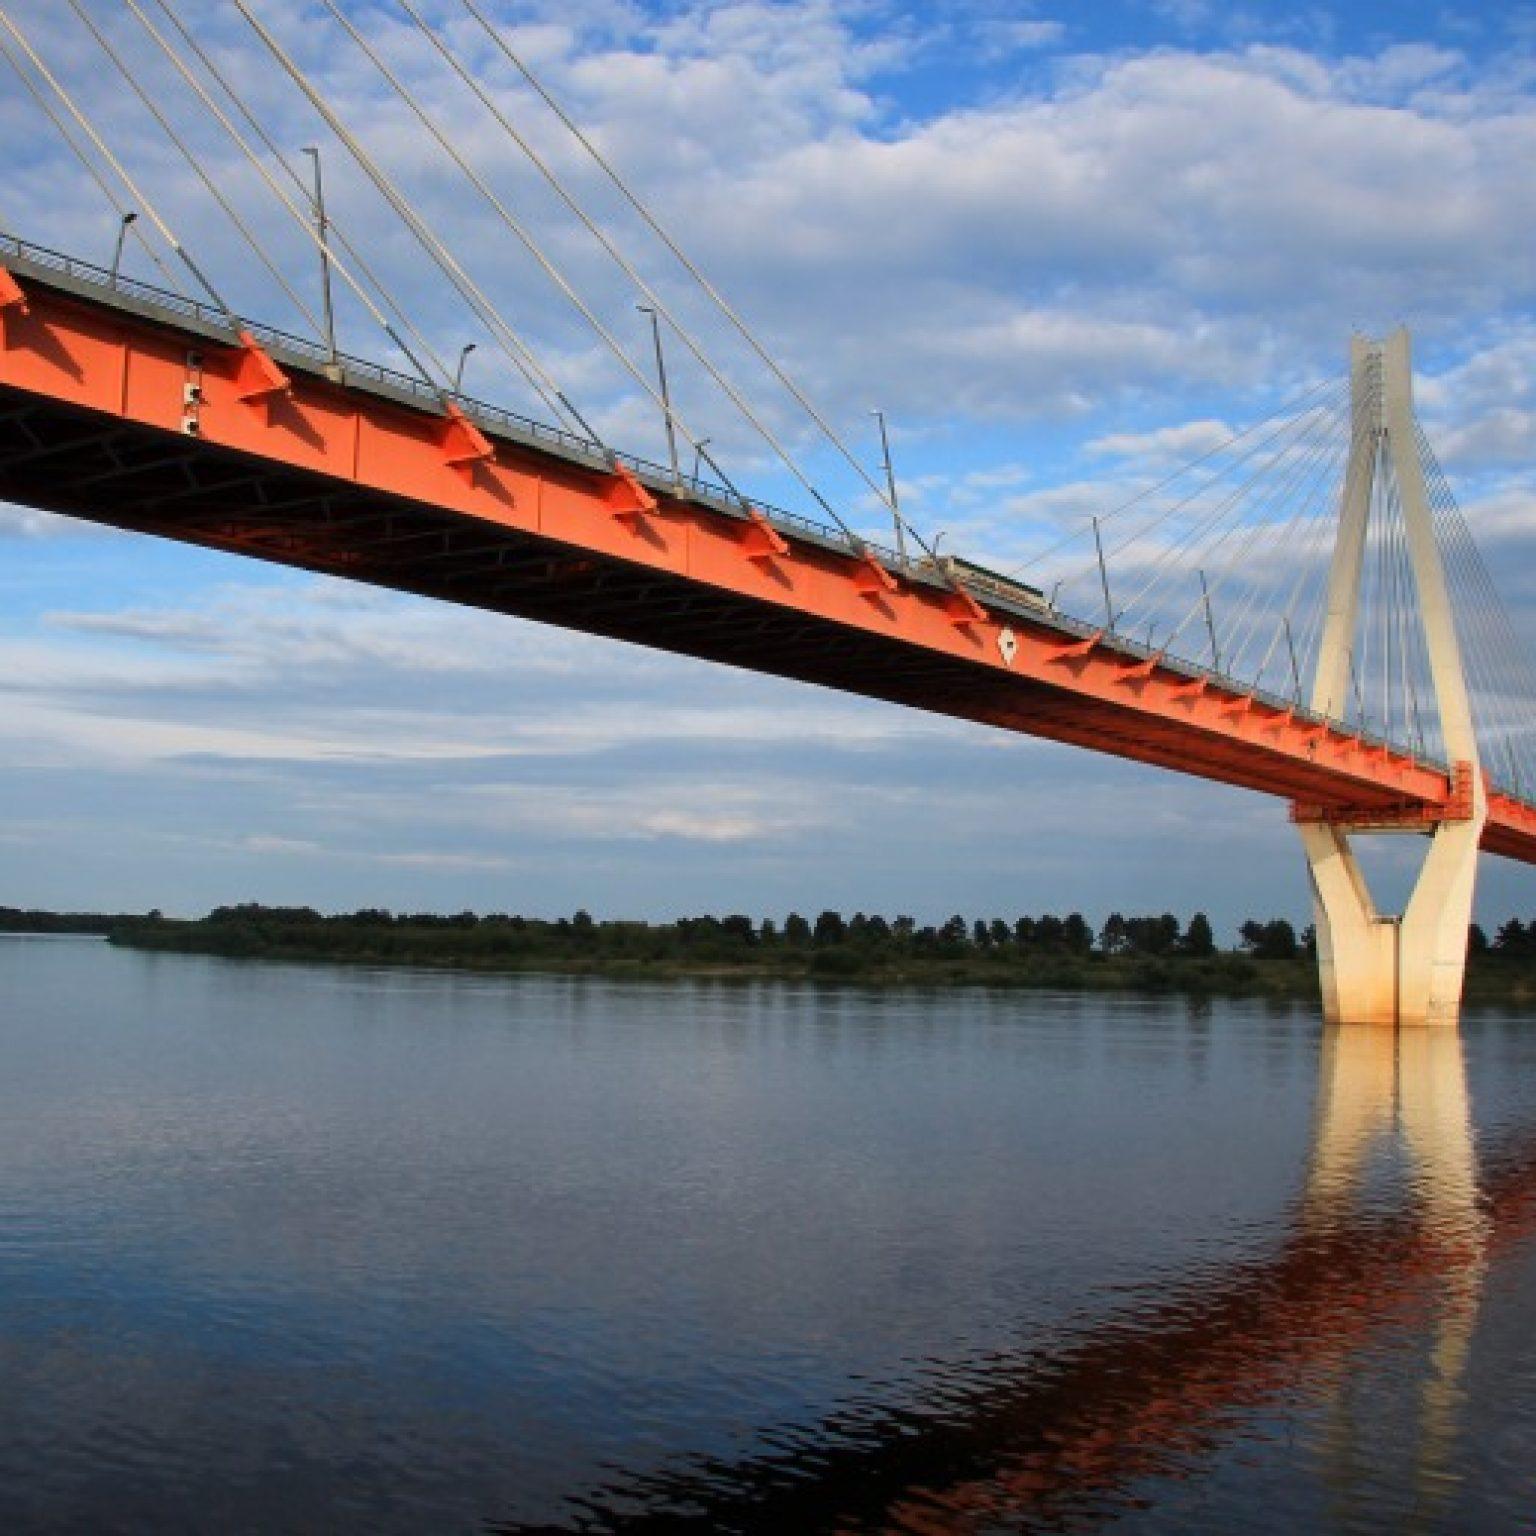 Достопримечательности Мурома: Муромский вантовый мост